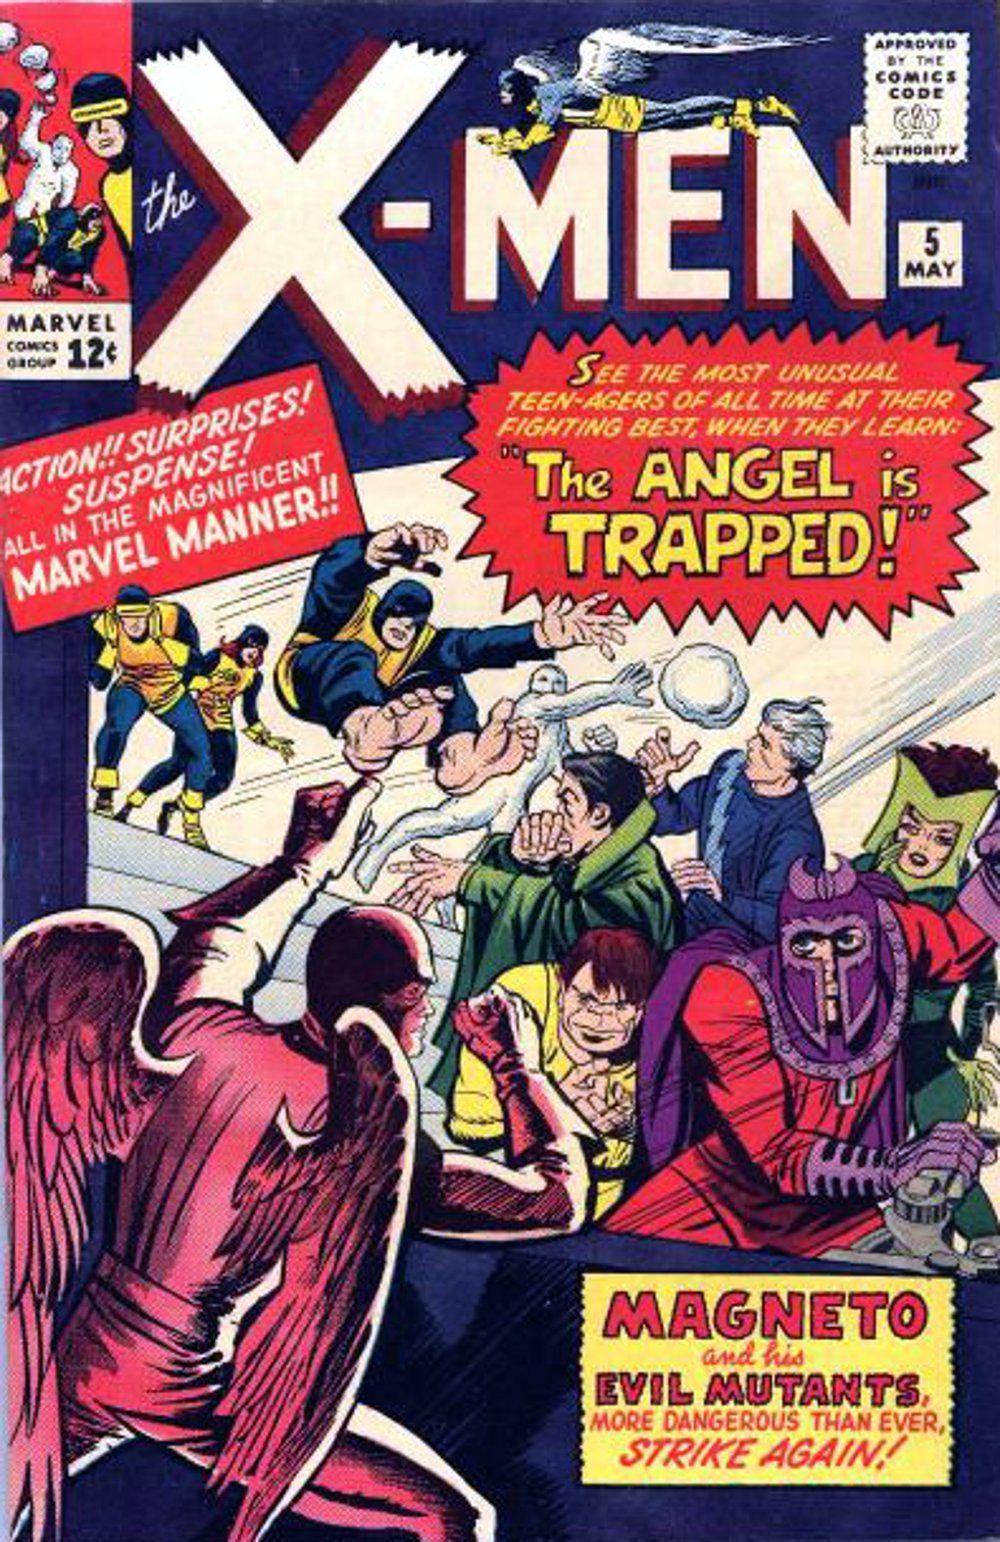 X Men Vol 1 5 Marvel Comic Books X Men 5 Comic Books